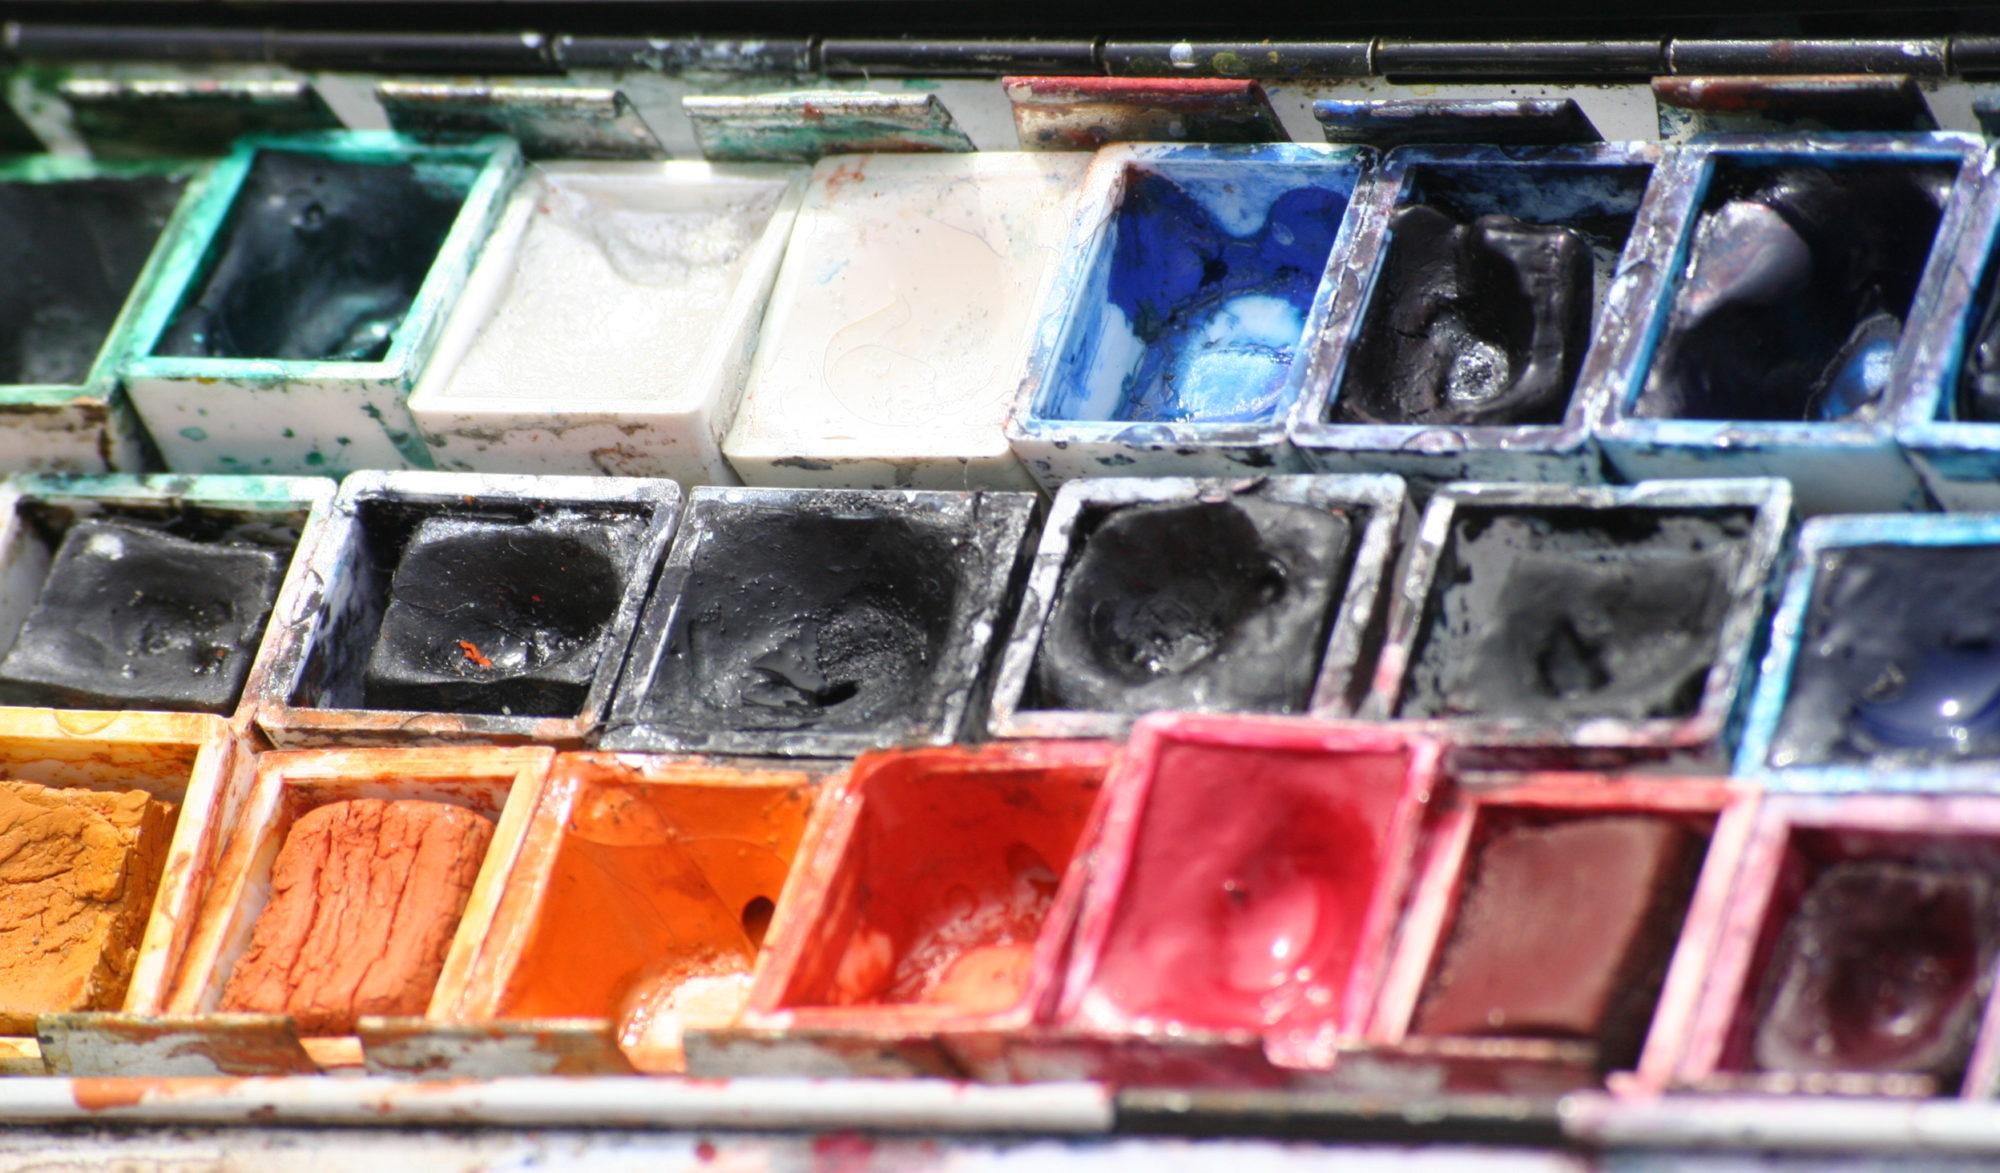 Bunt ist meine Lieblingsfarbe (Gropius)